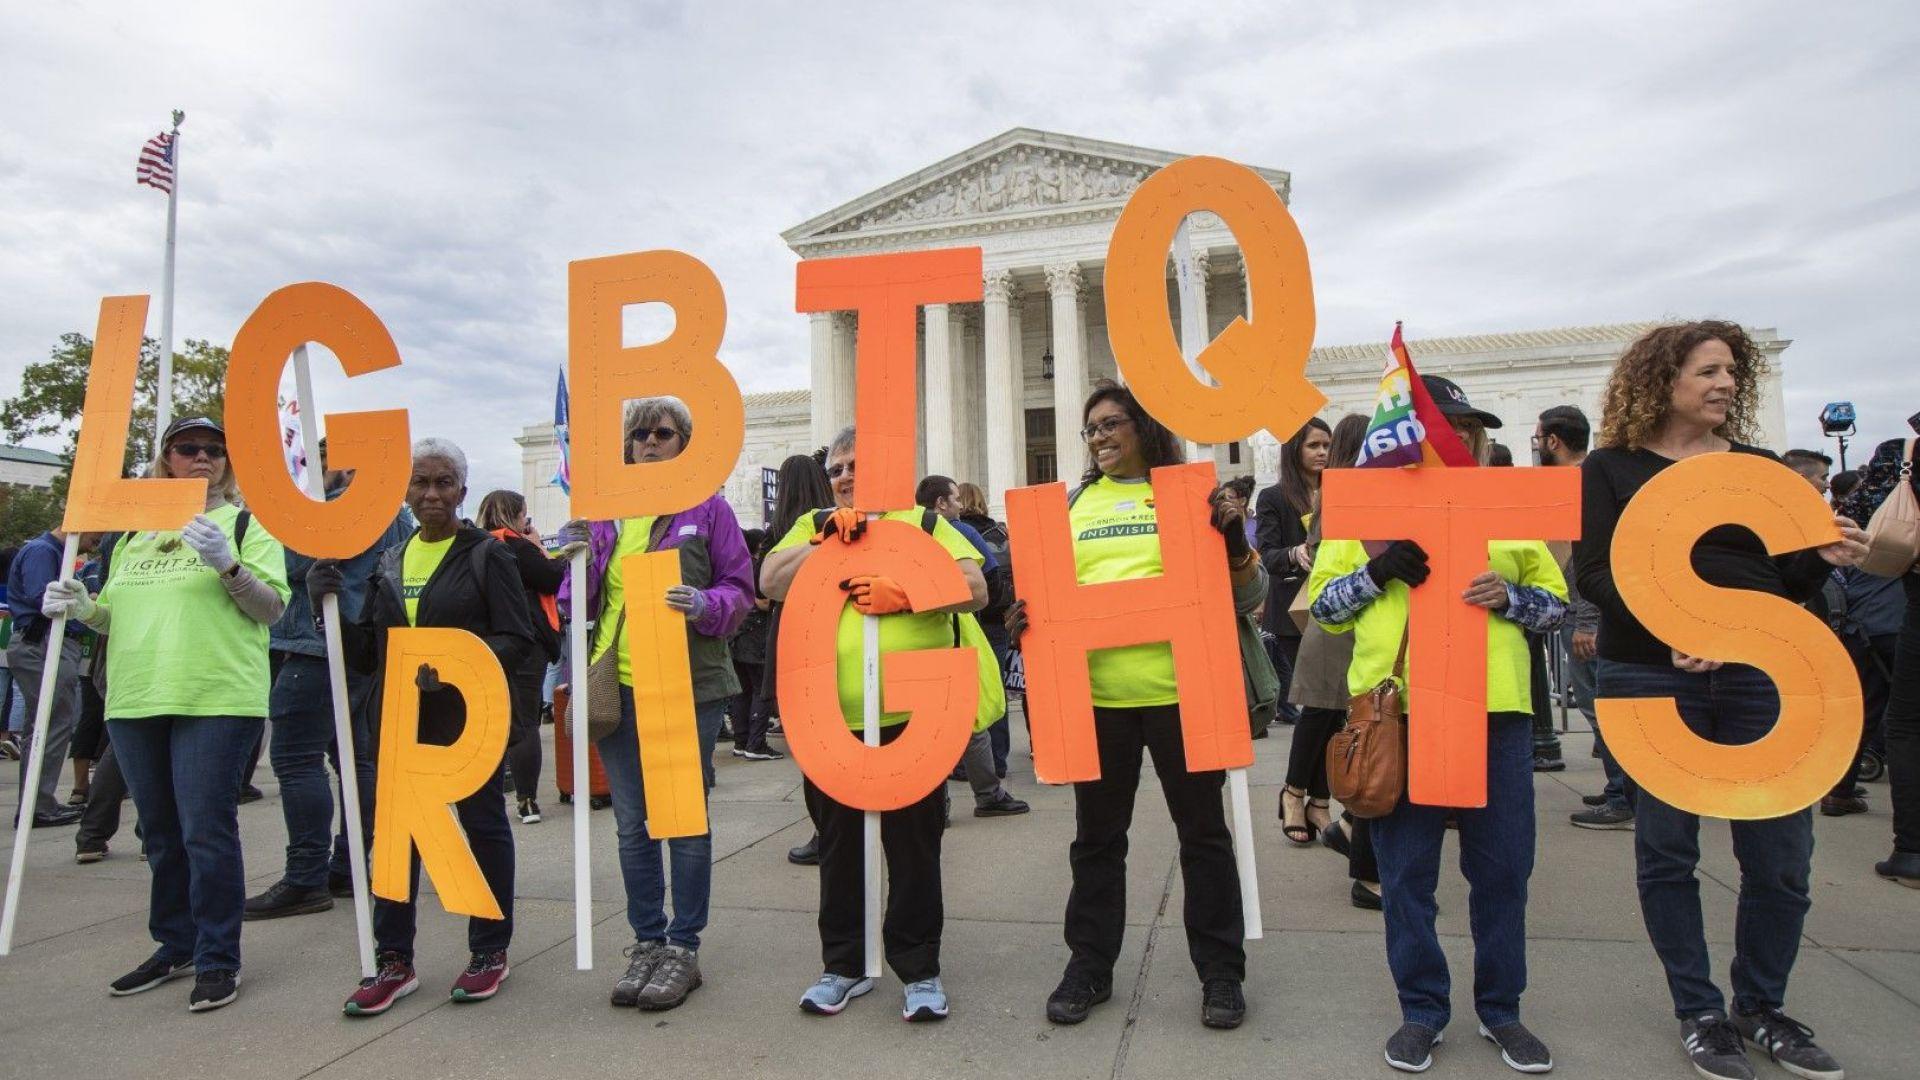 Върховният съд на САЩ: Законът пази хомосексуалните на работните им места